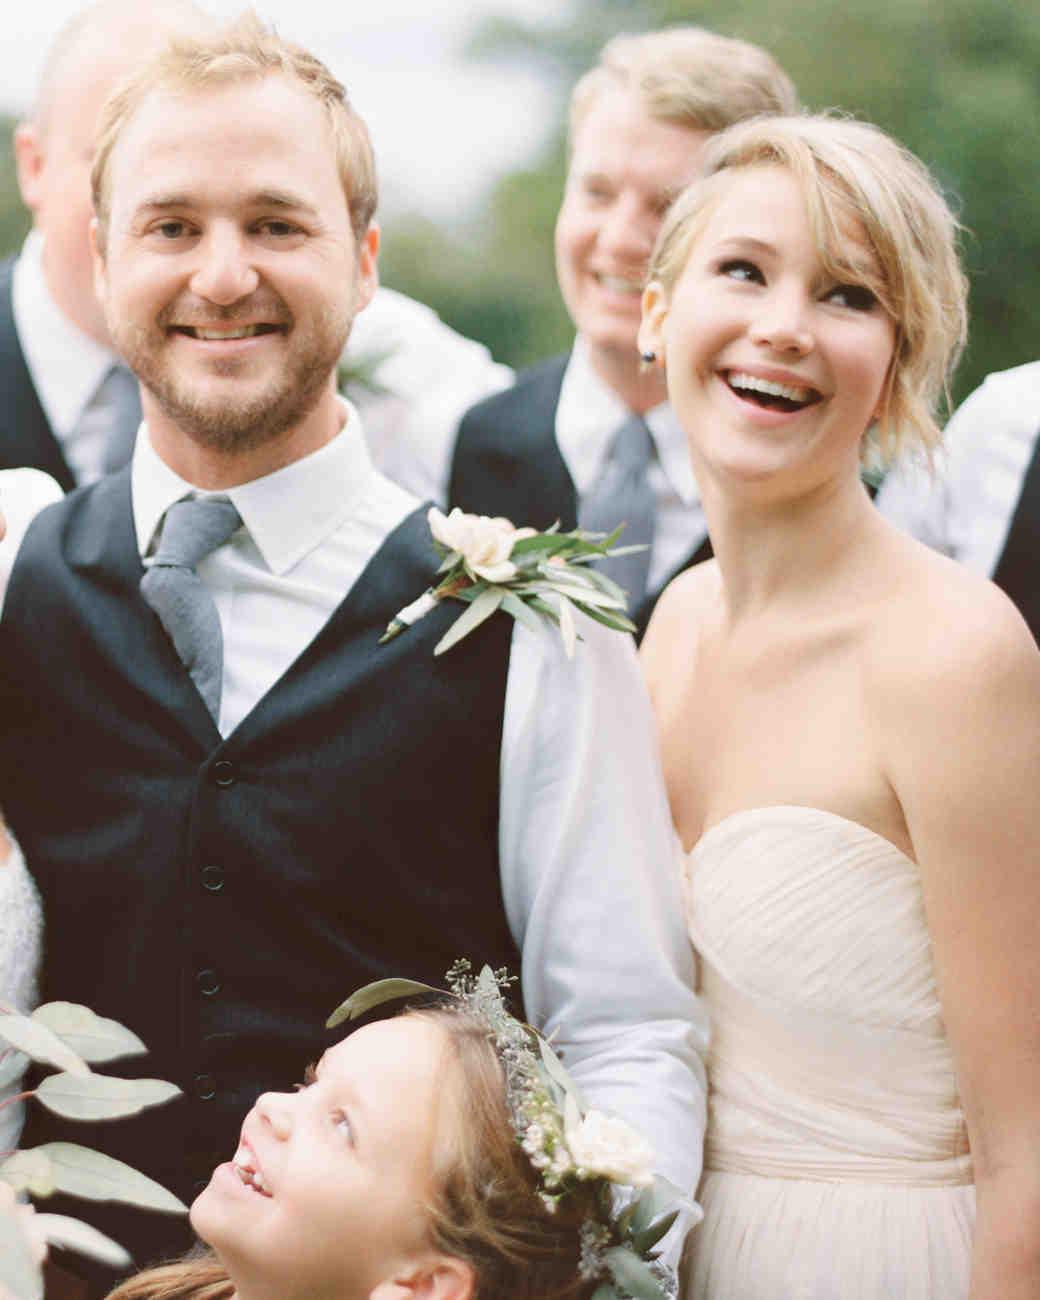 bride-groom-wedding-party-blaine-carson-wedding-444-mwds110873.jpg